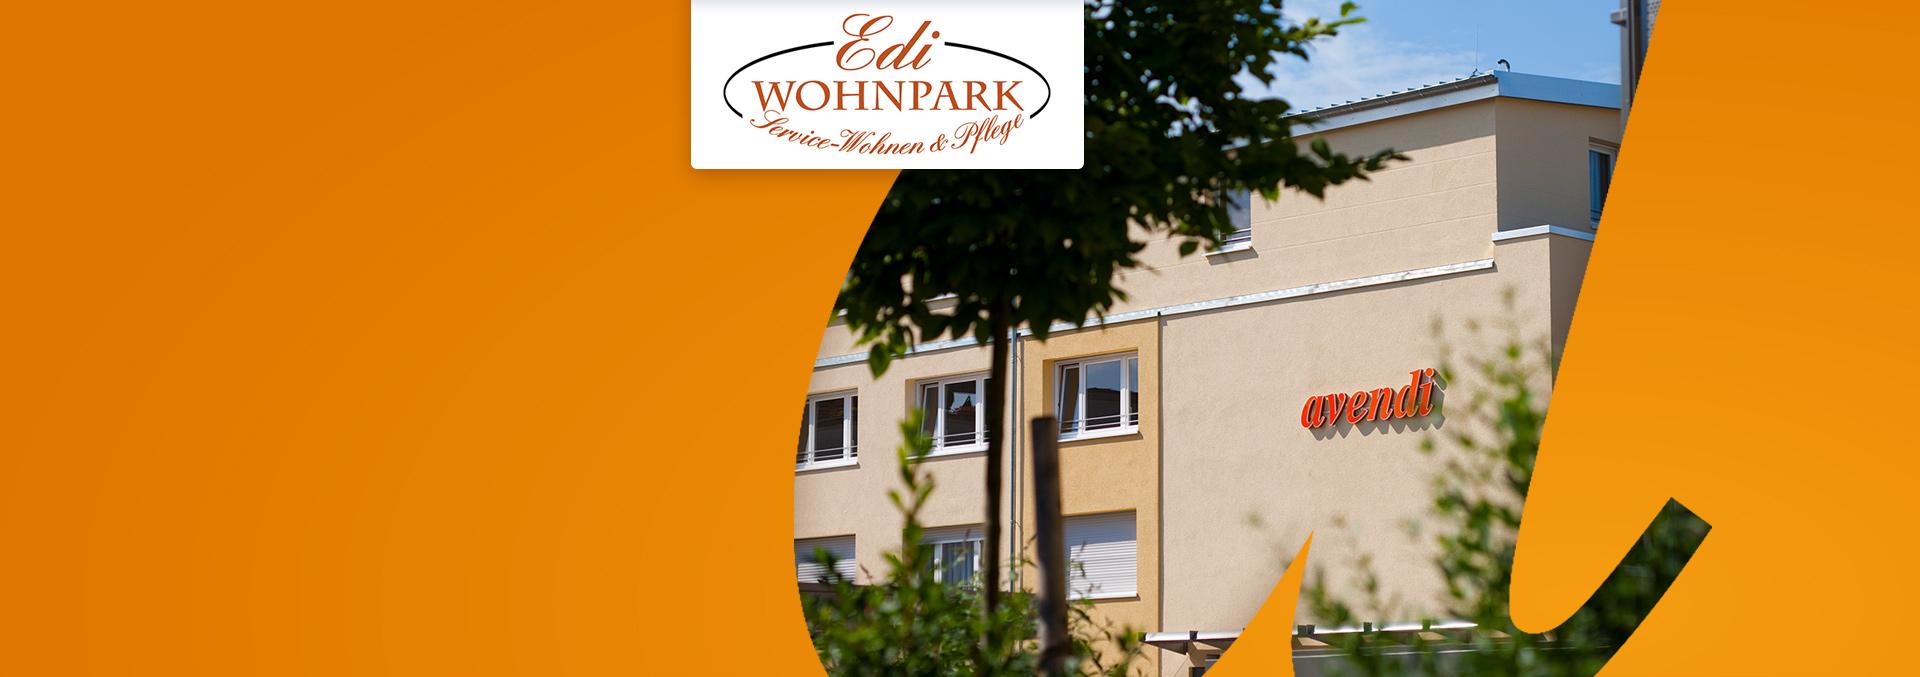 Service-Wohnen und Pflege Edi-Wohnpark: Blick auf die Hauswand mit dem avendi-Logo